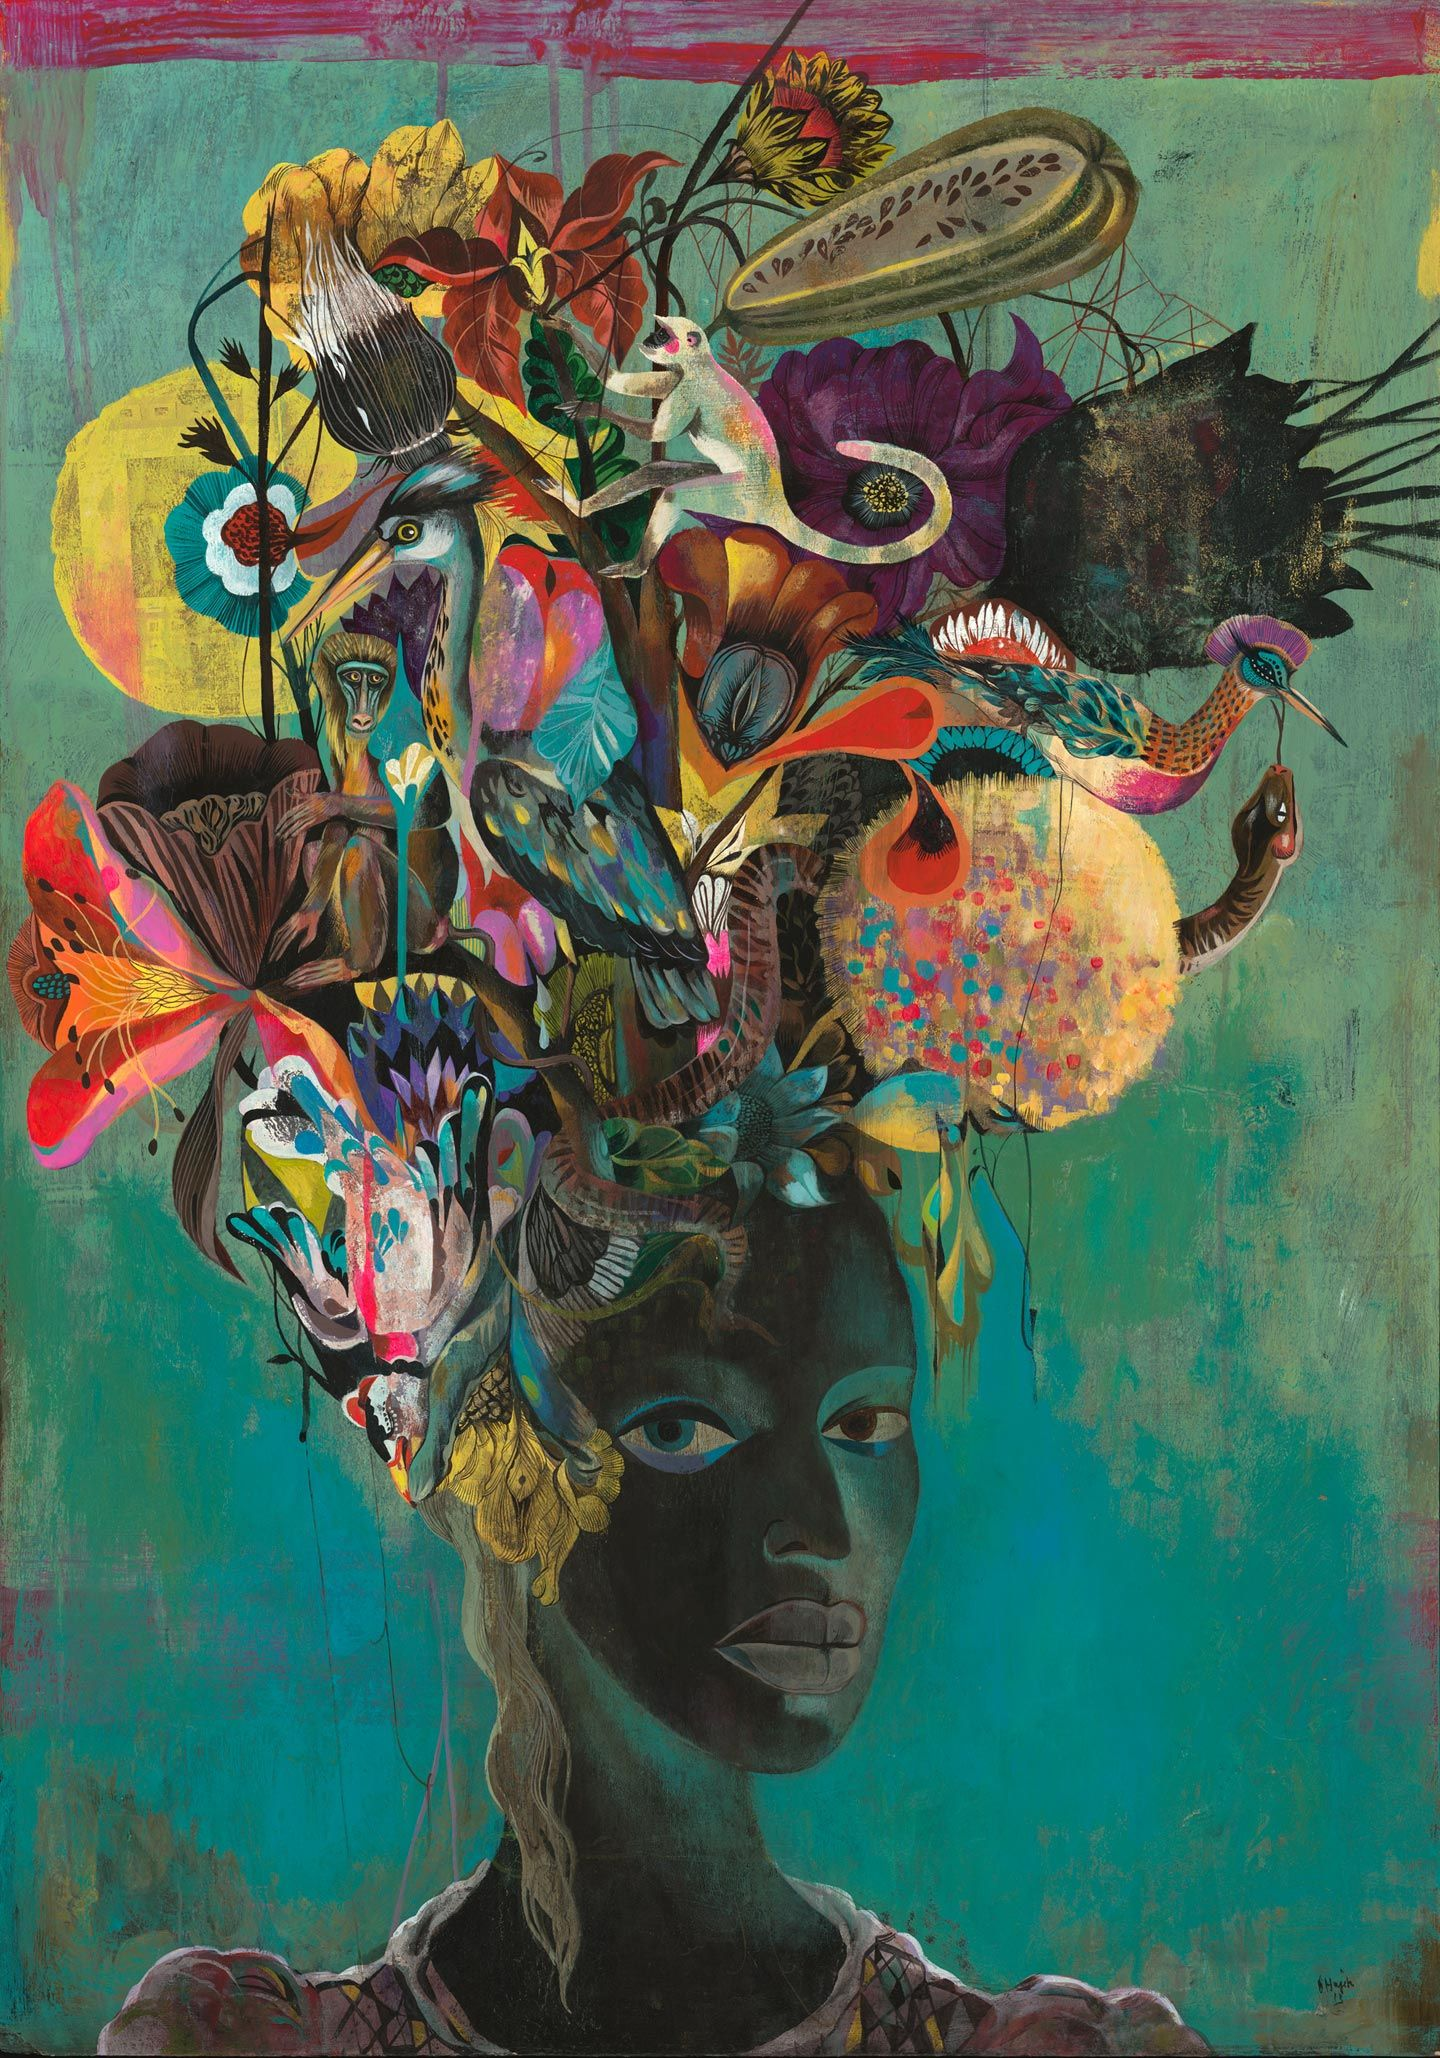 Black Paradise Ii Olaf Hajek Dope Art. In 2019 Art Colossal Illustration